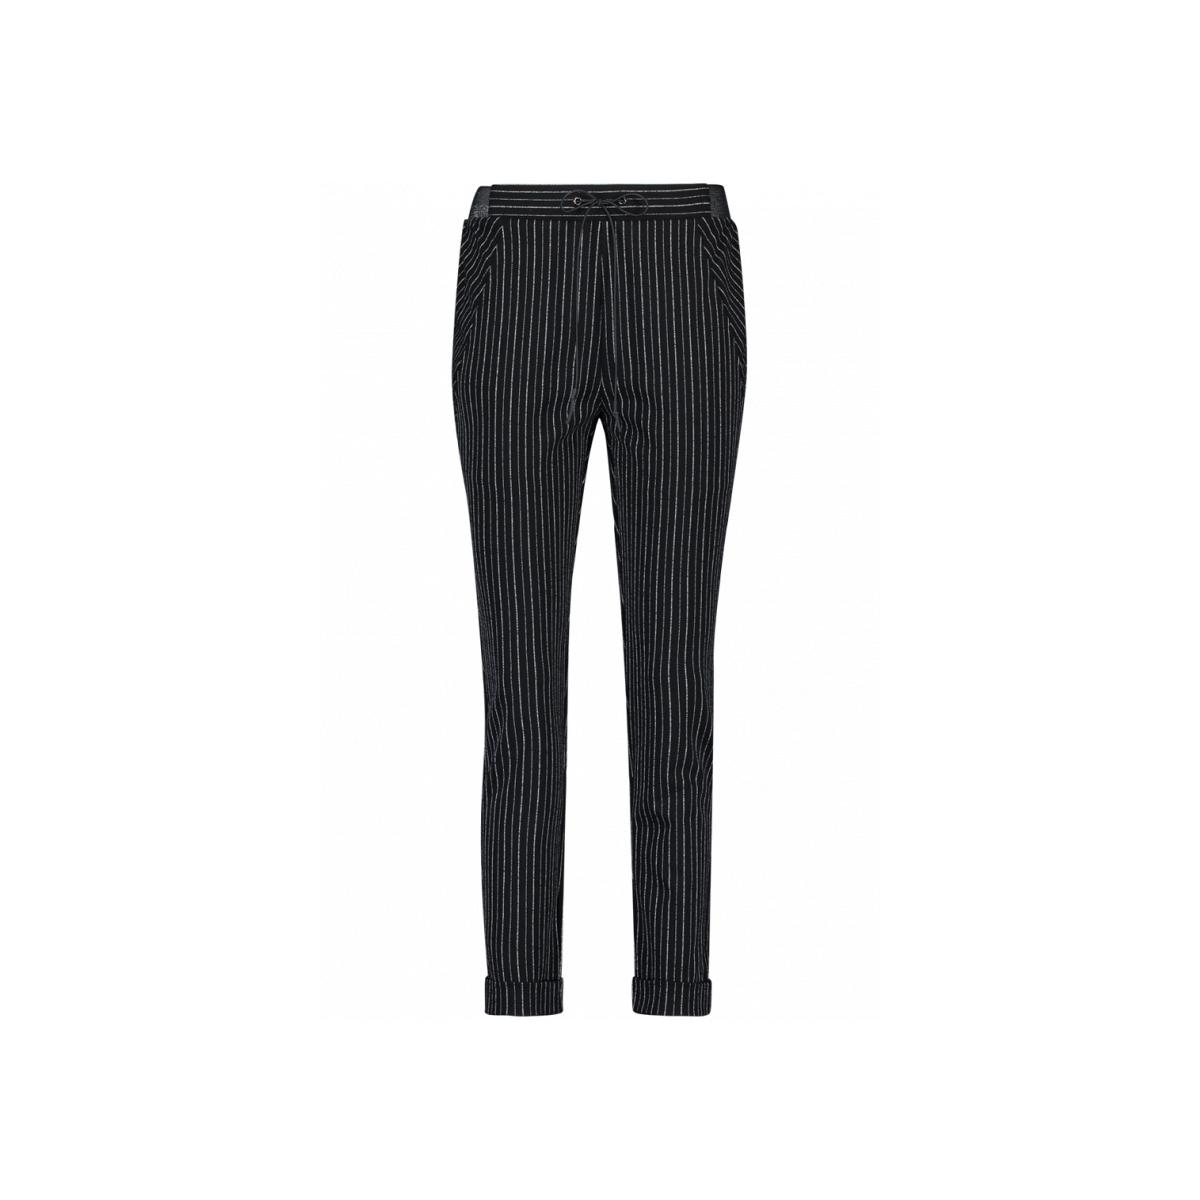 phien trouser pes 590 aaiko broek black